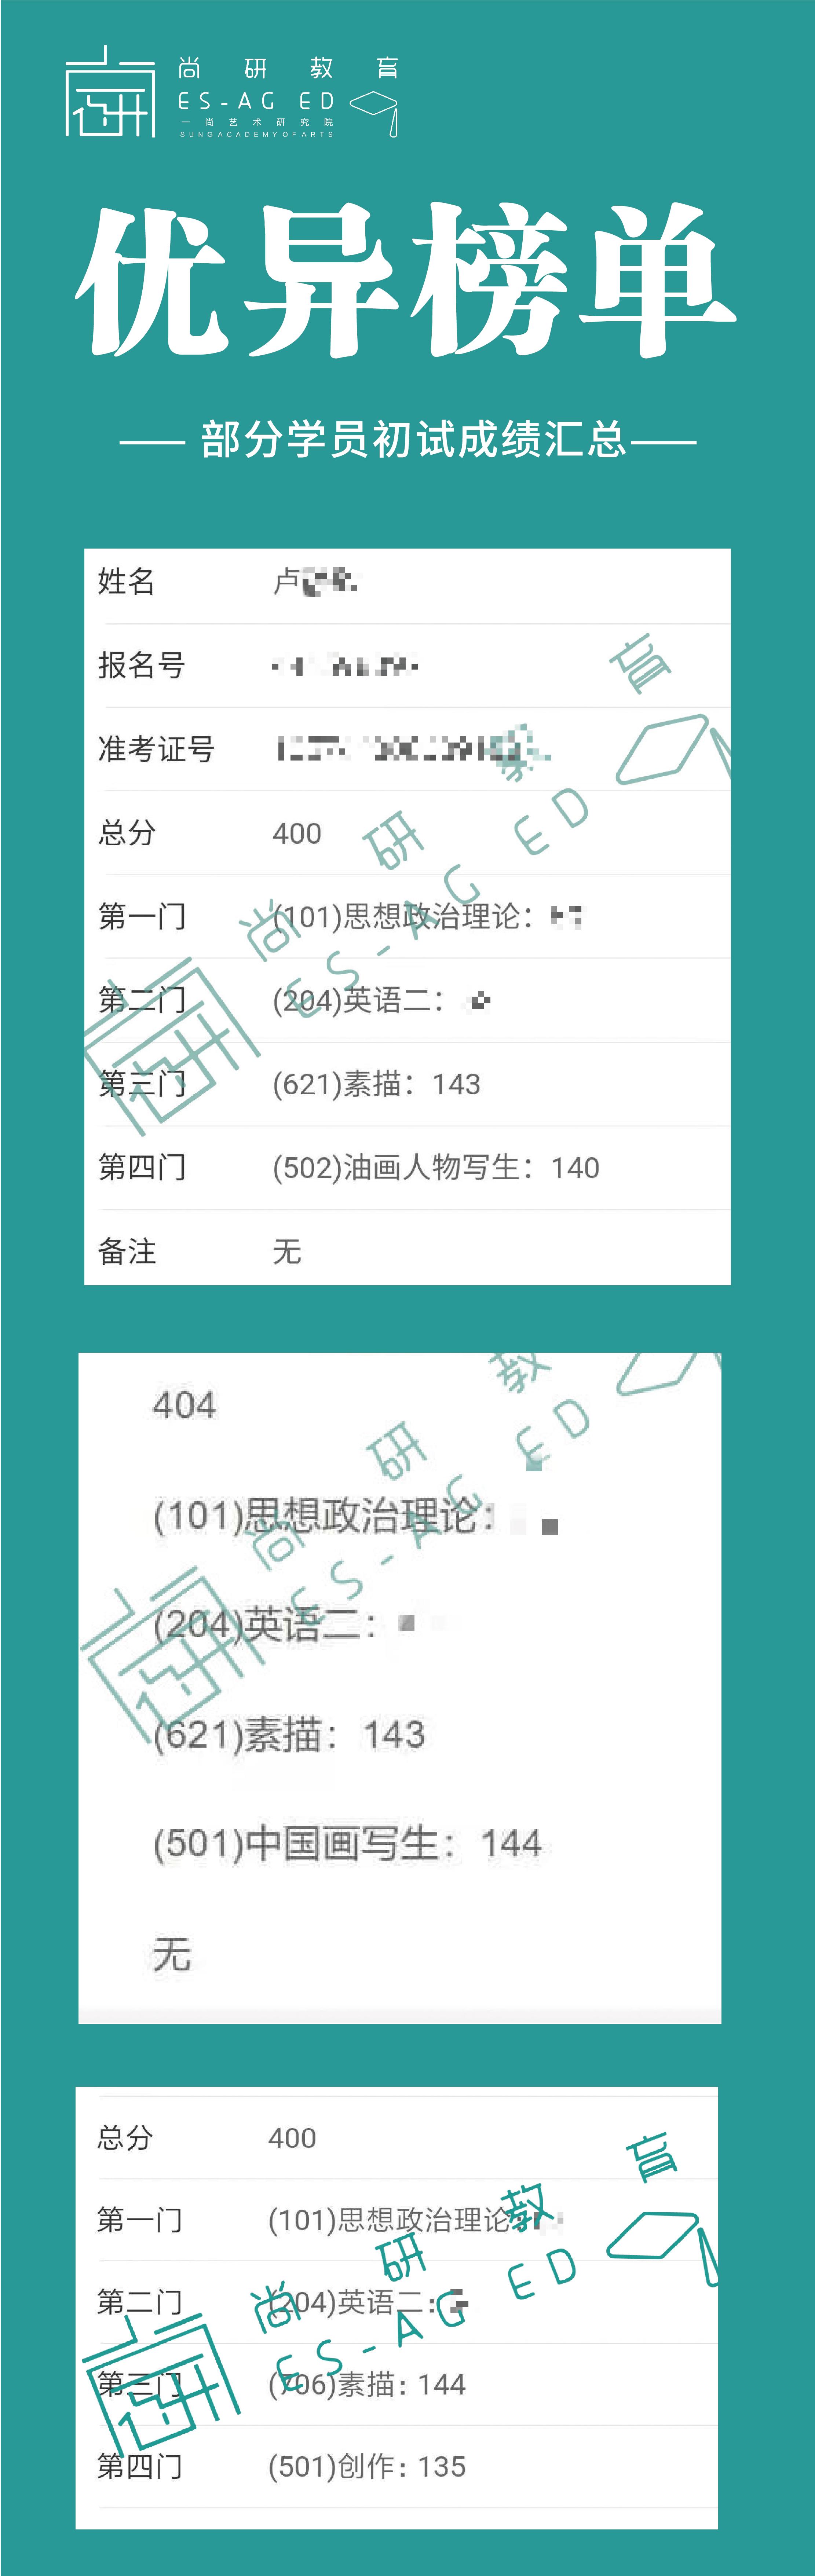 喜报!21届尚研学子高分成绩扎堆!!!